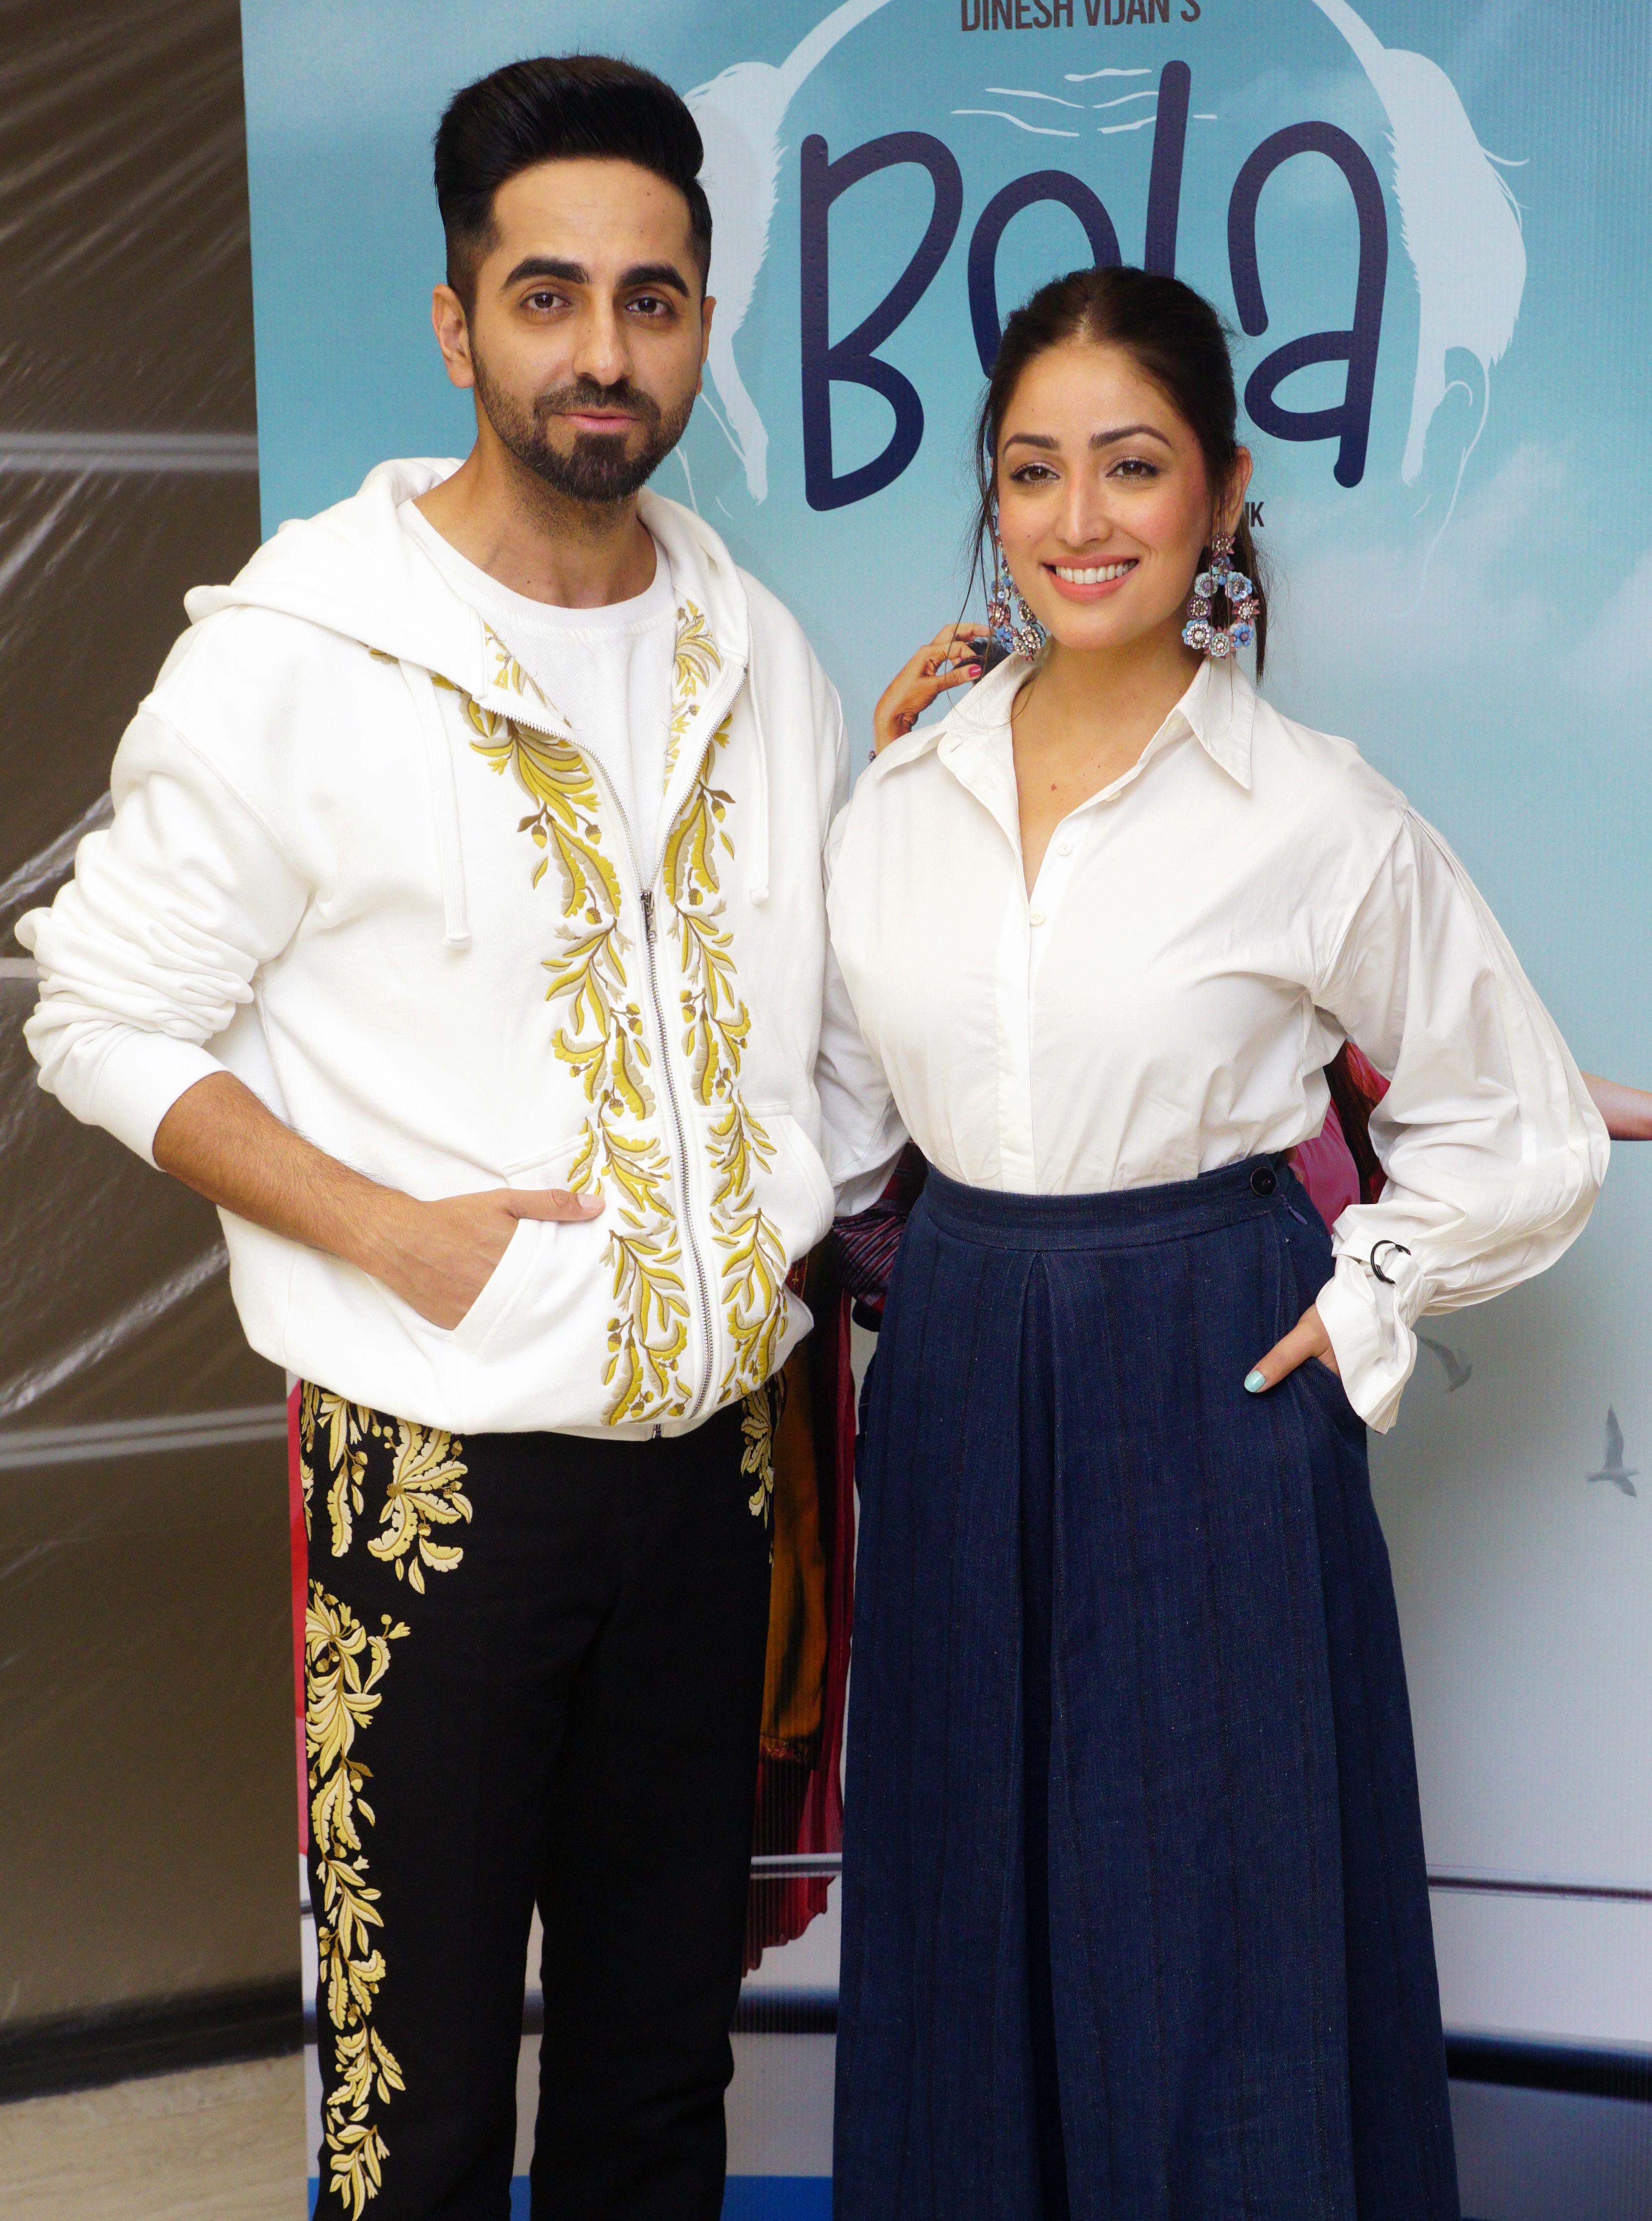 Yami Gautam and Ayushmann Khurrana at an event for Bala (2019)